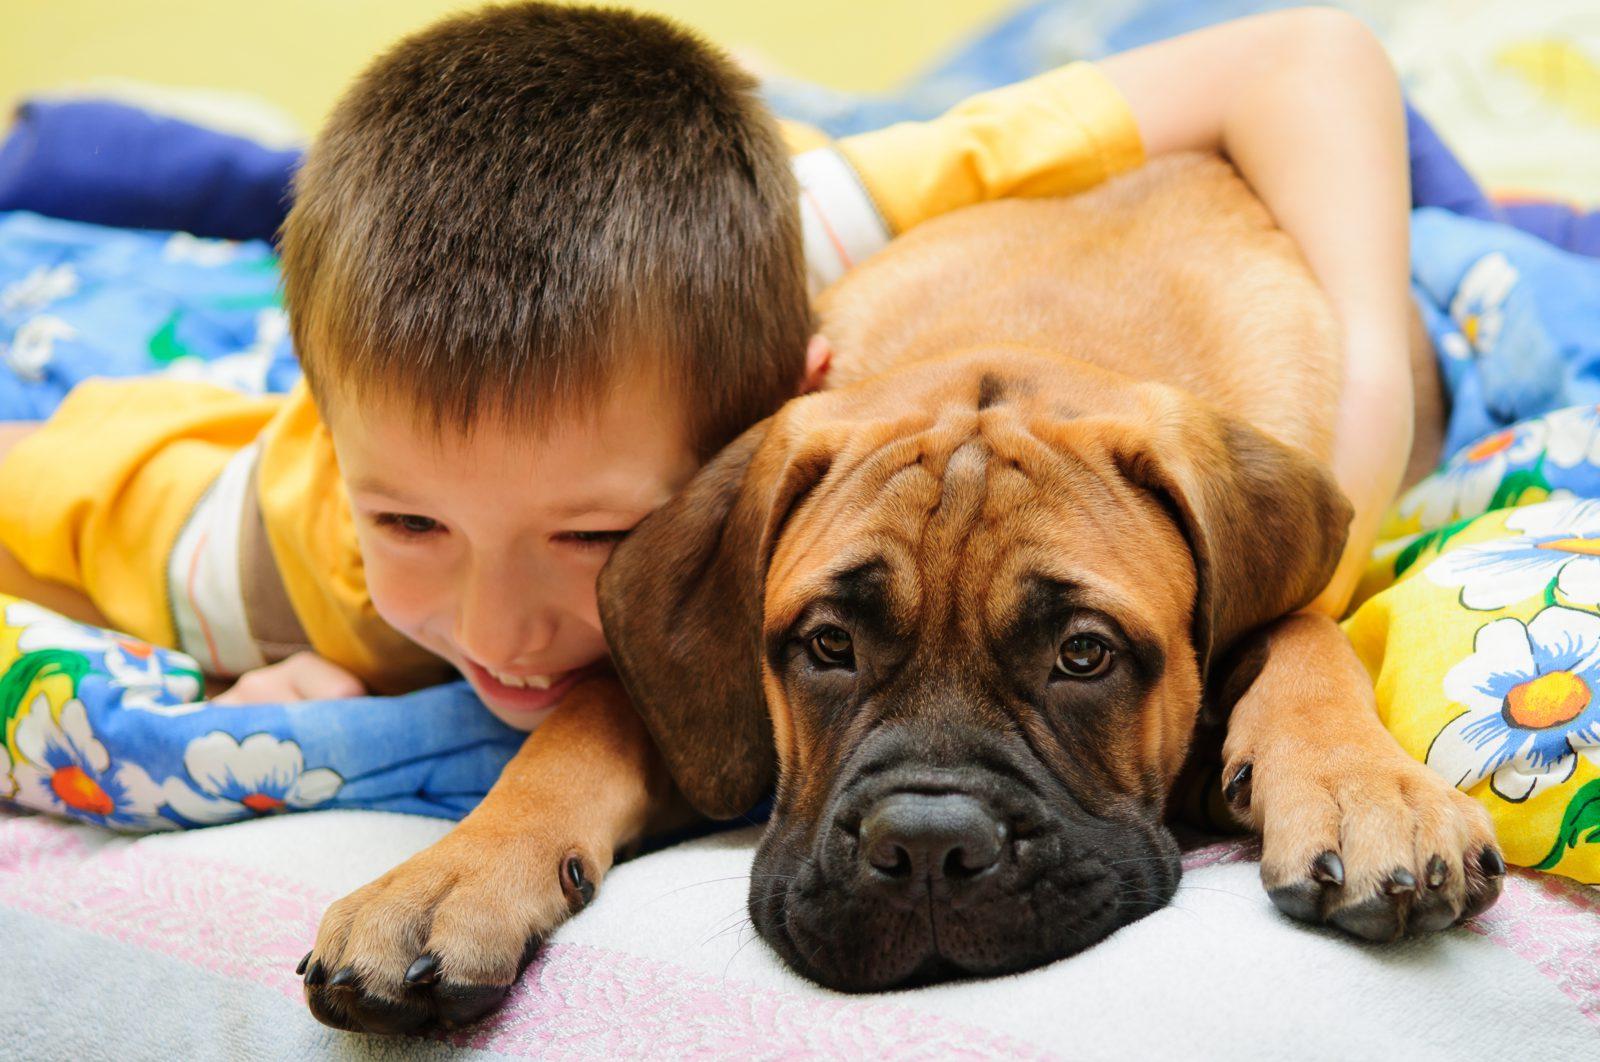 Dormir com cachorro: Boxer e menino deitados juntos na cama.